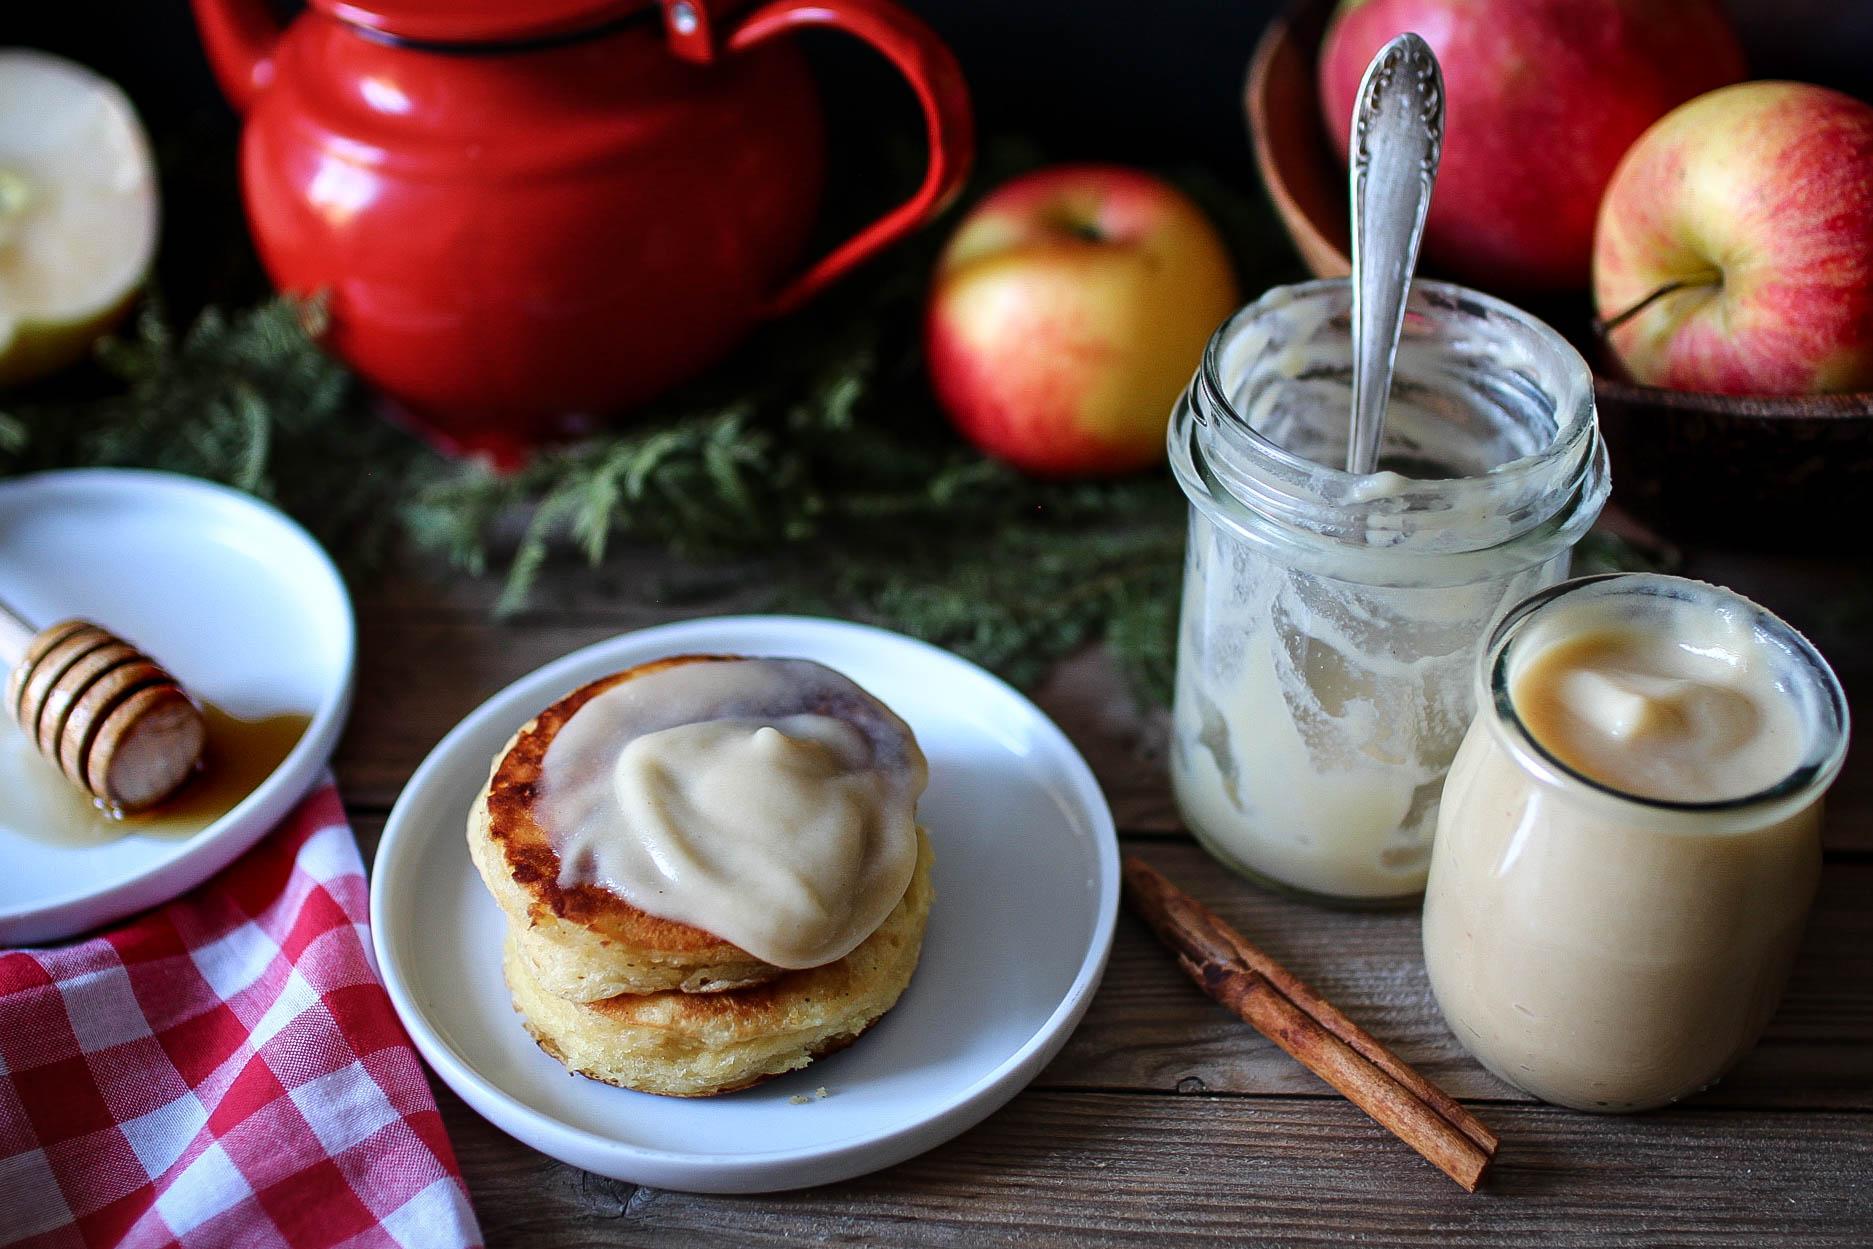 beurre de pomme au sirop d rable la recette facile royal chill blog cuisine voyage et. Black Bedroom Furniture Sets. Home Design Ideas